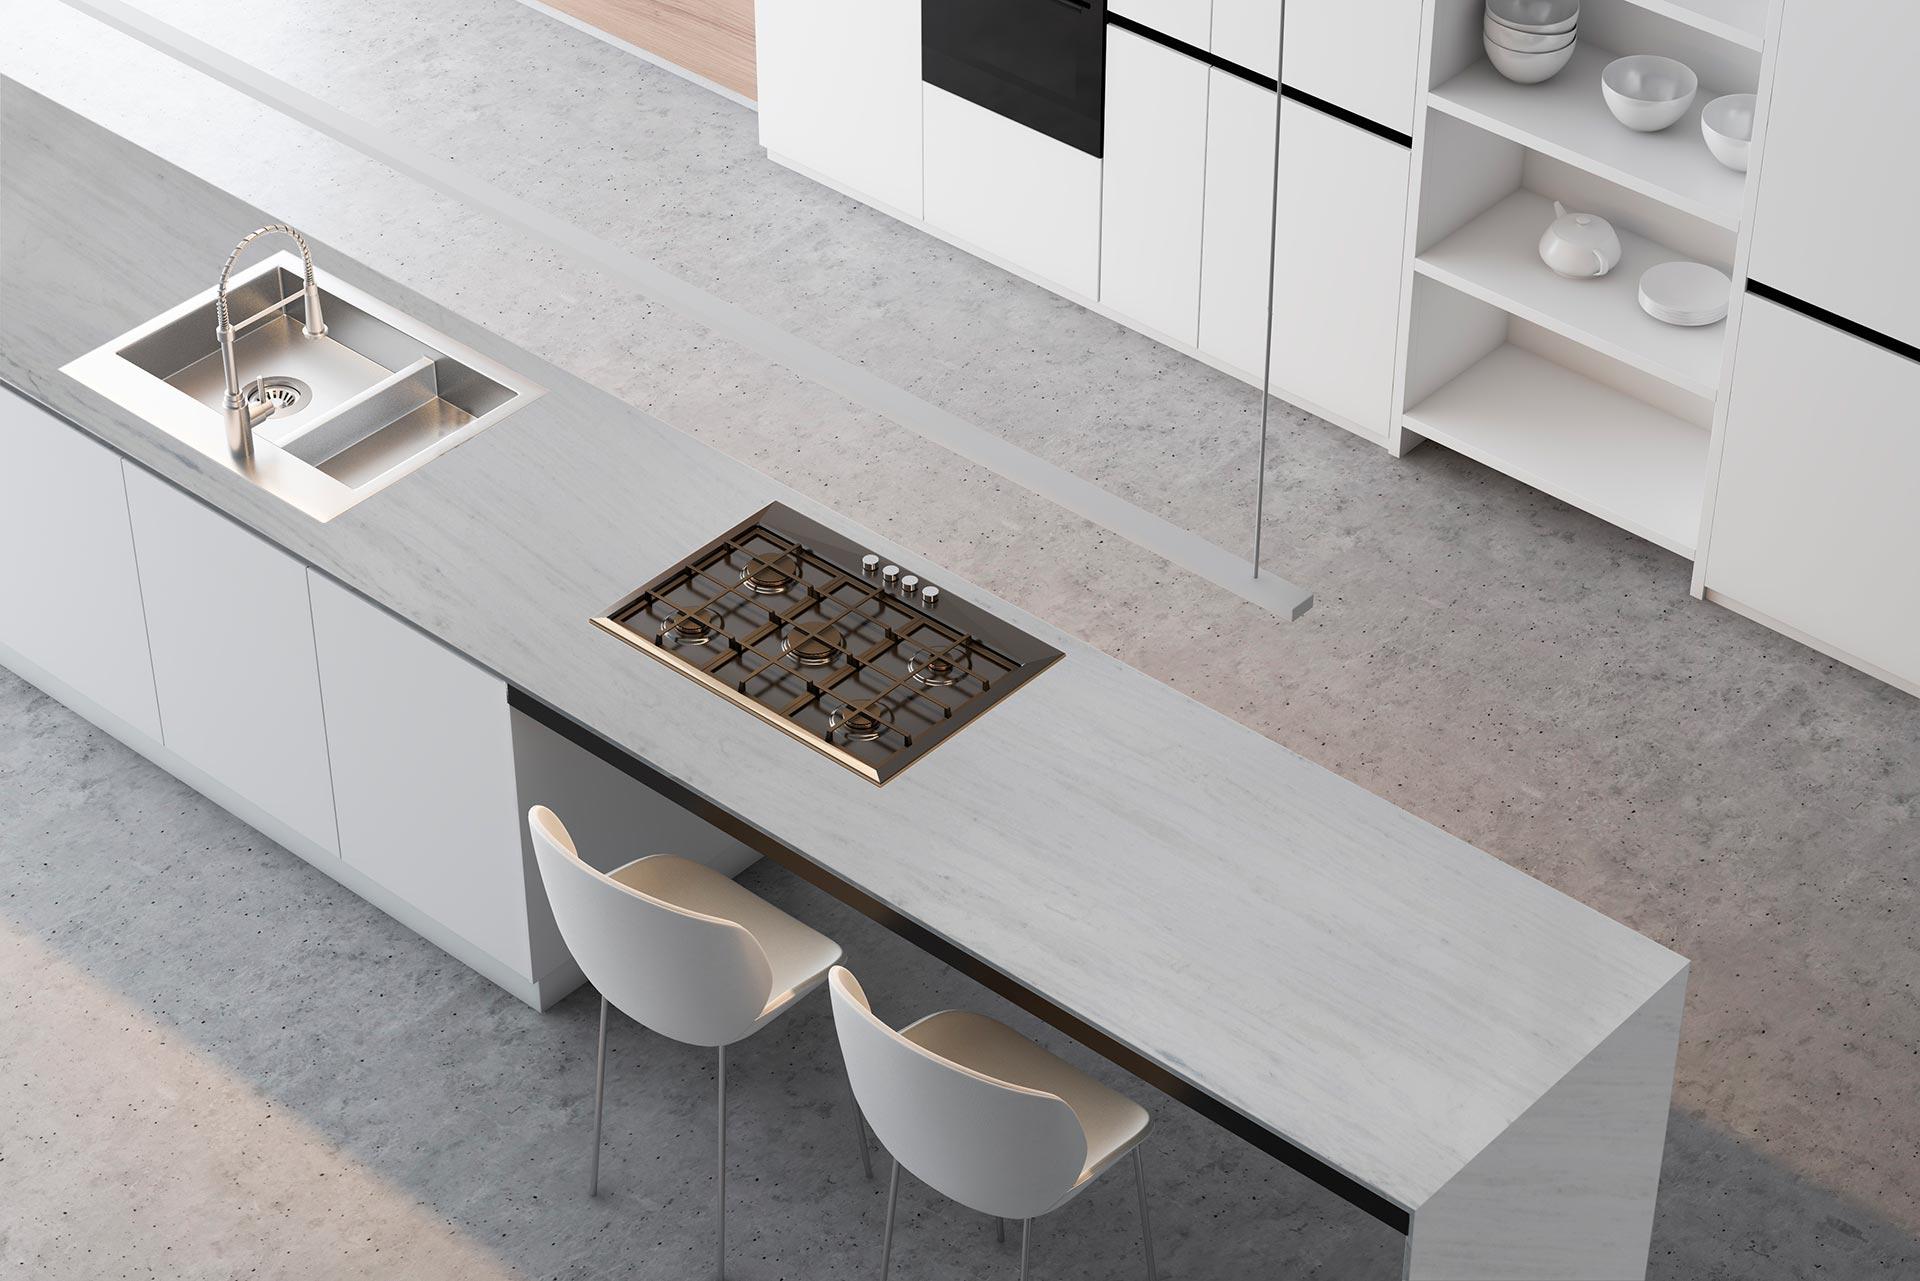 marble tesoro bianco countertop